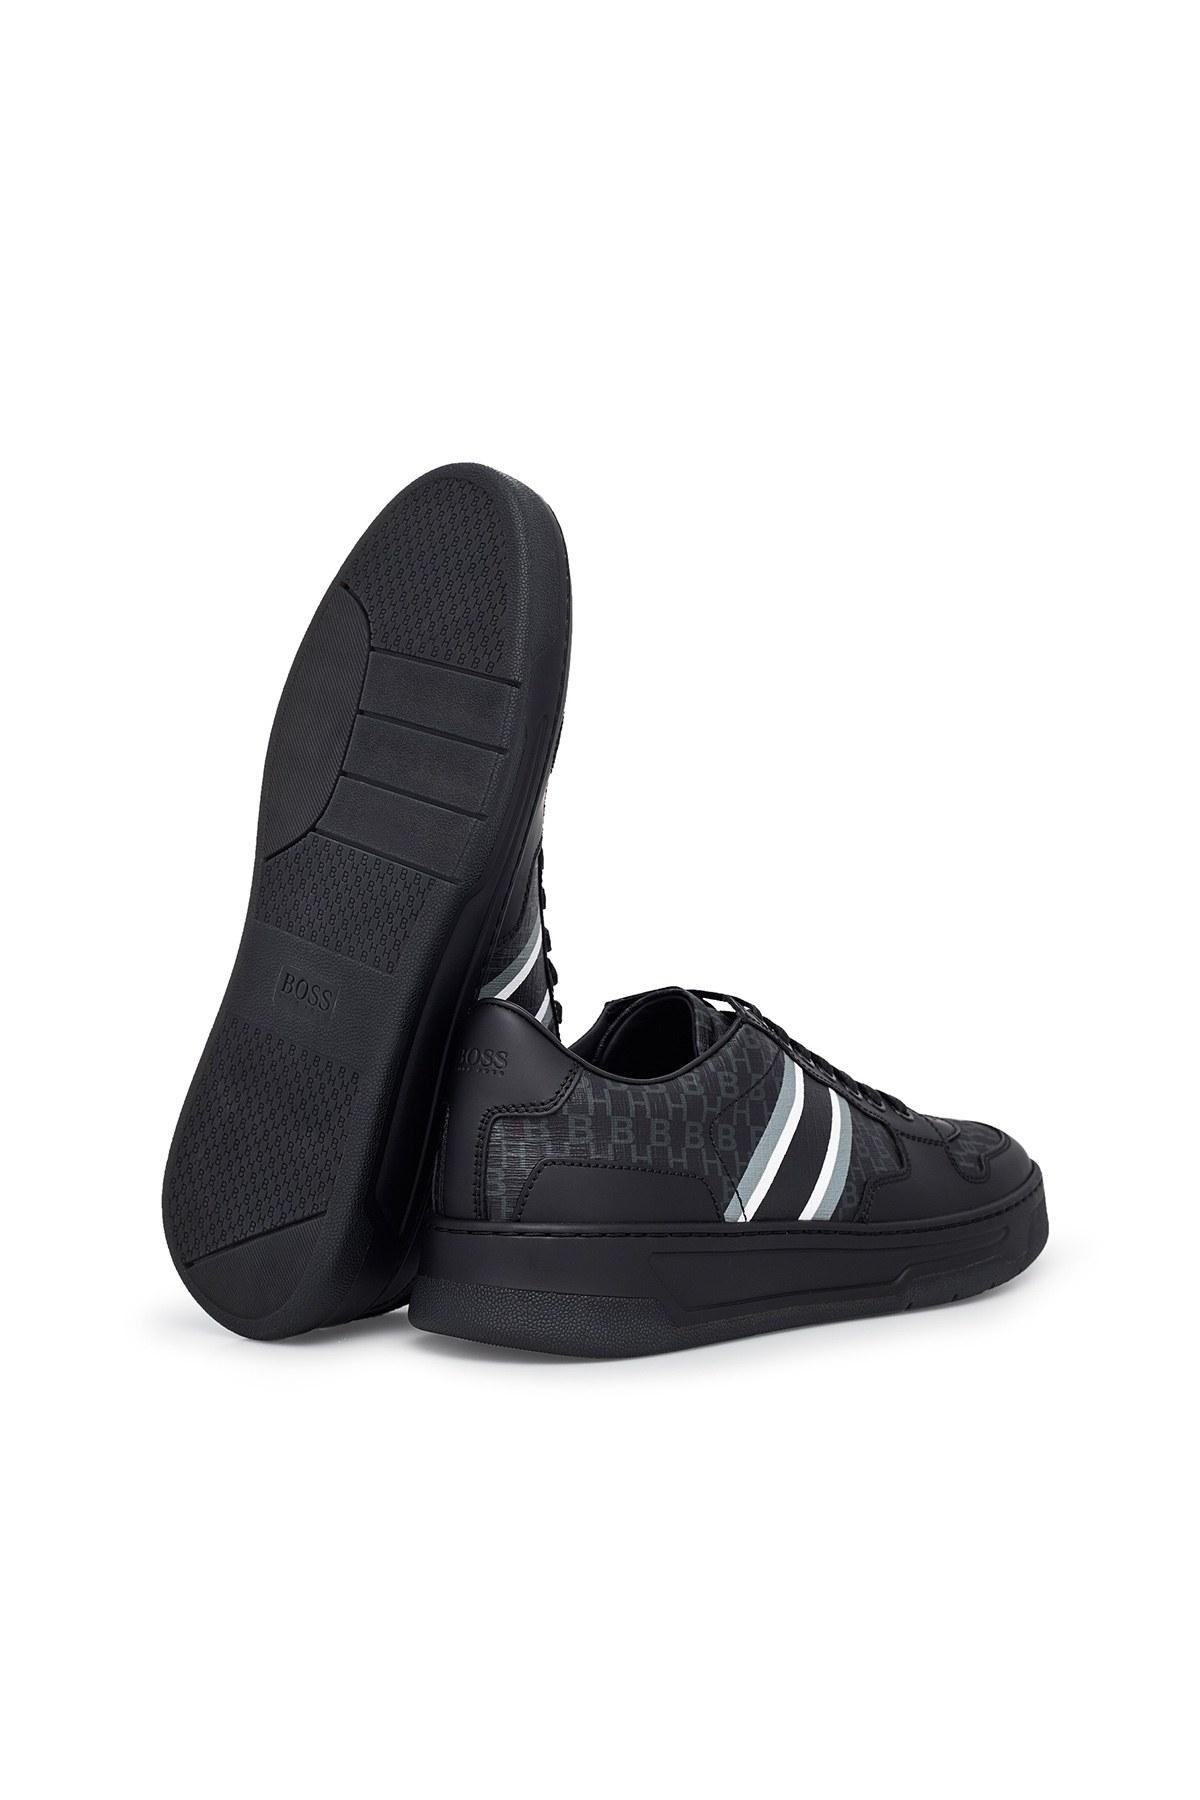 Hugo Boss Deri Erkek Ayakkabı 50437007 001 SİYAH